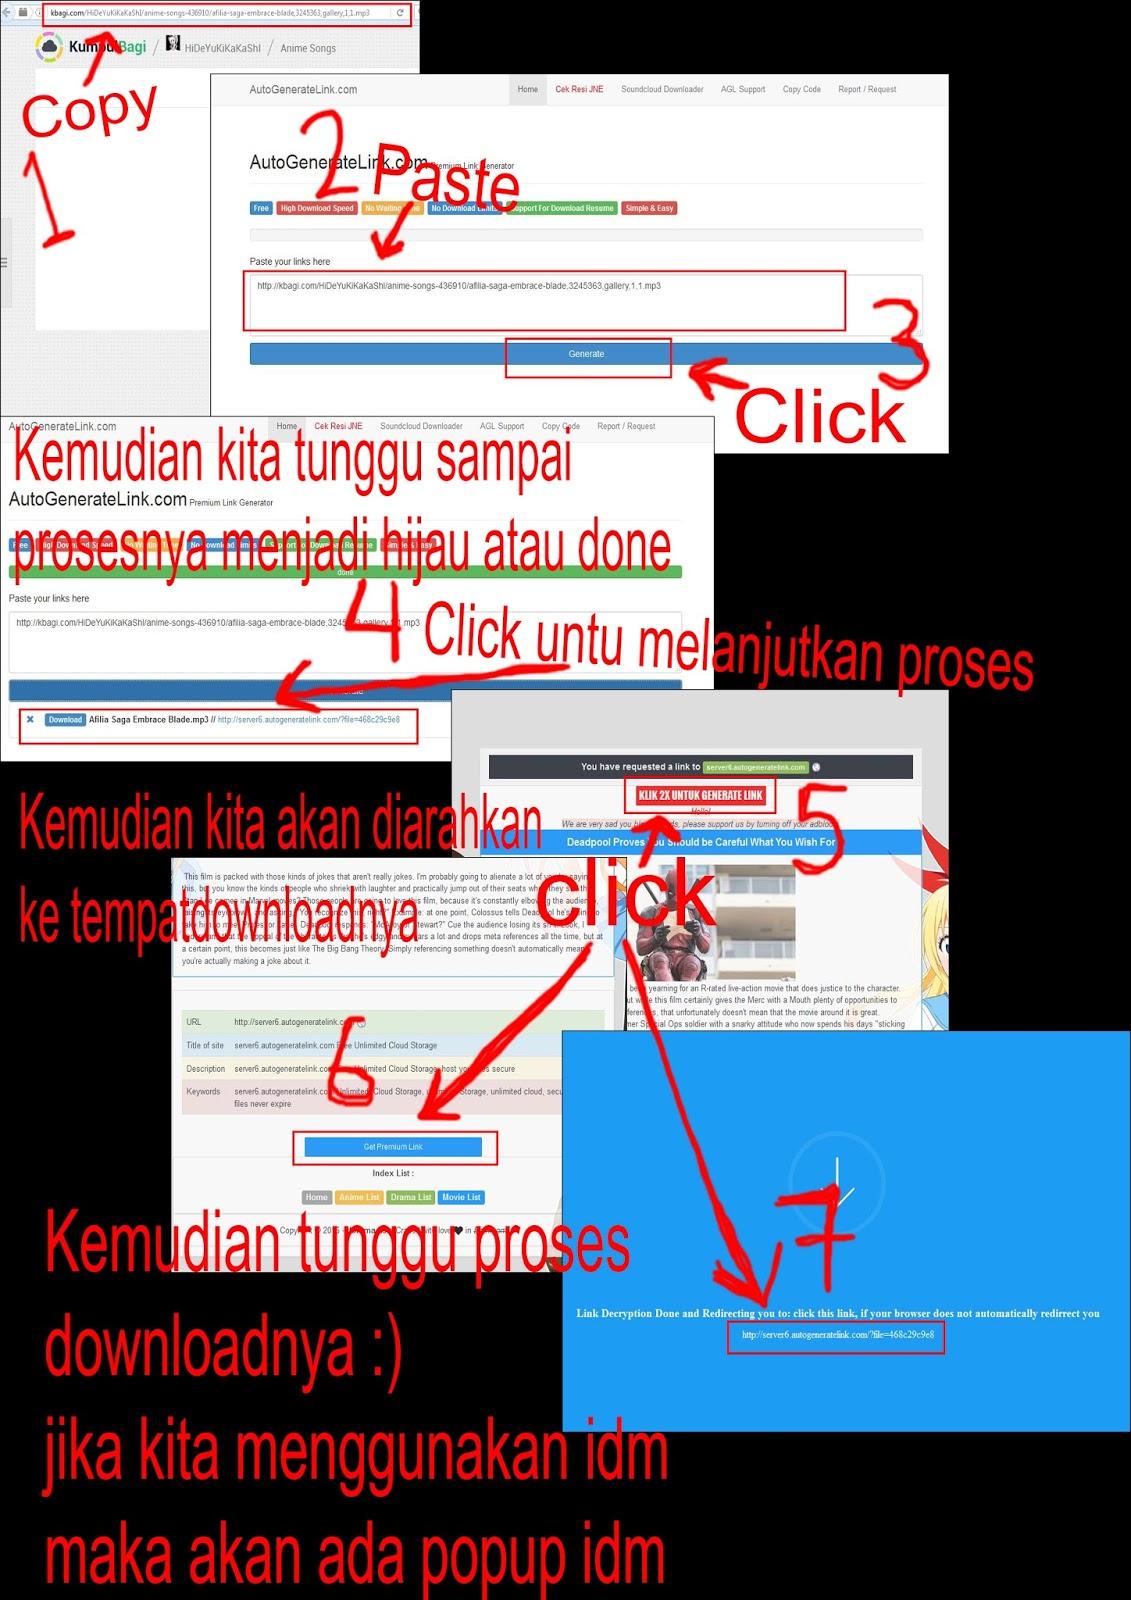 Cara Download File Di Kumpulbagi Atau Di Situs Yang